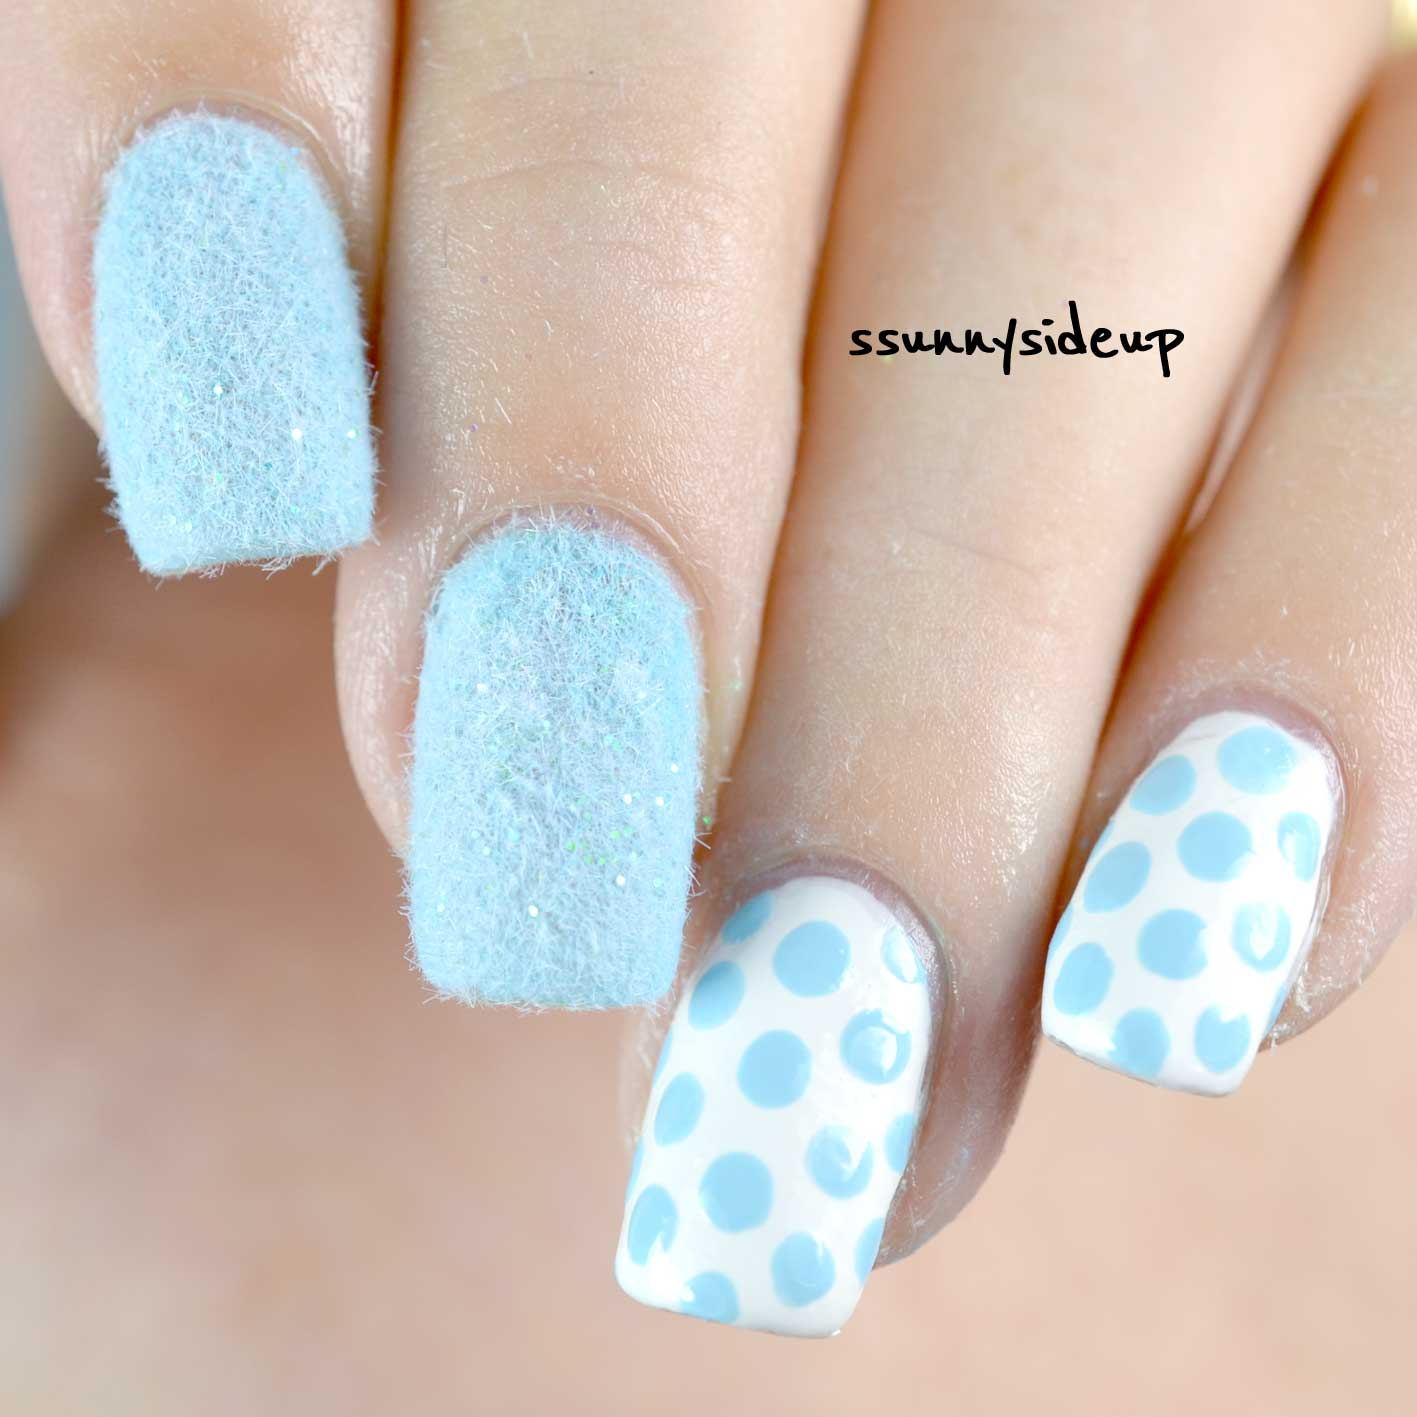 ssunnysideup: Furry nails